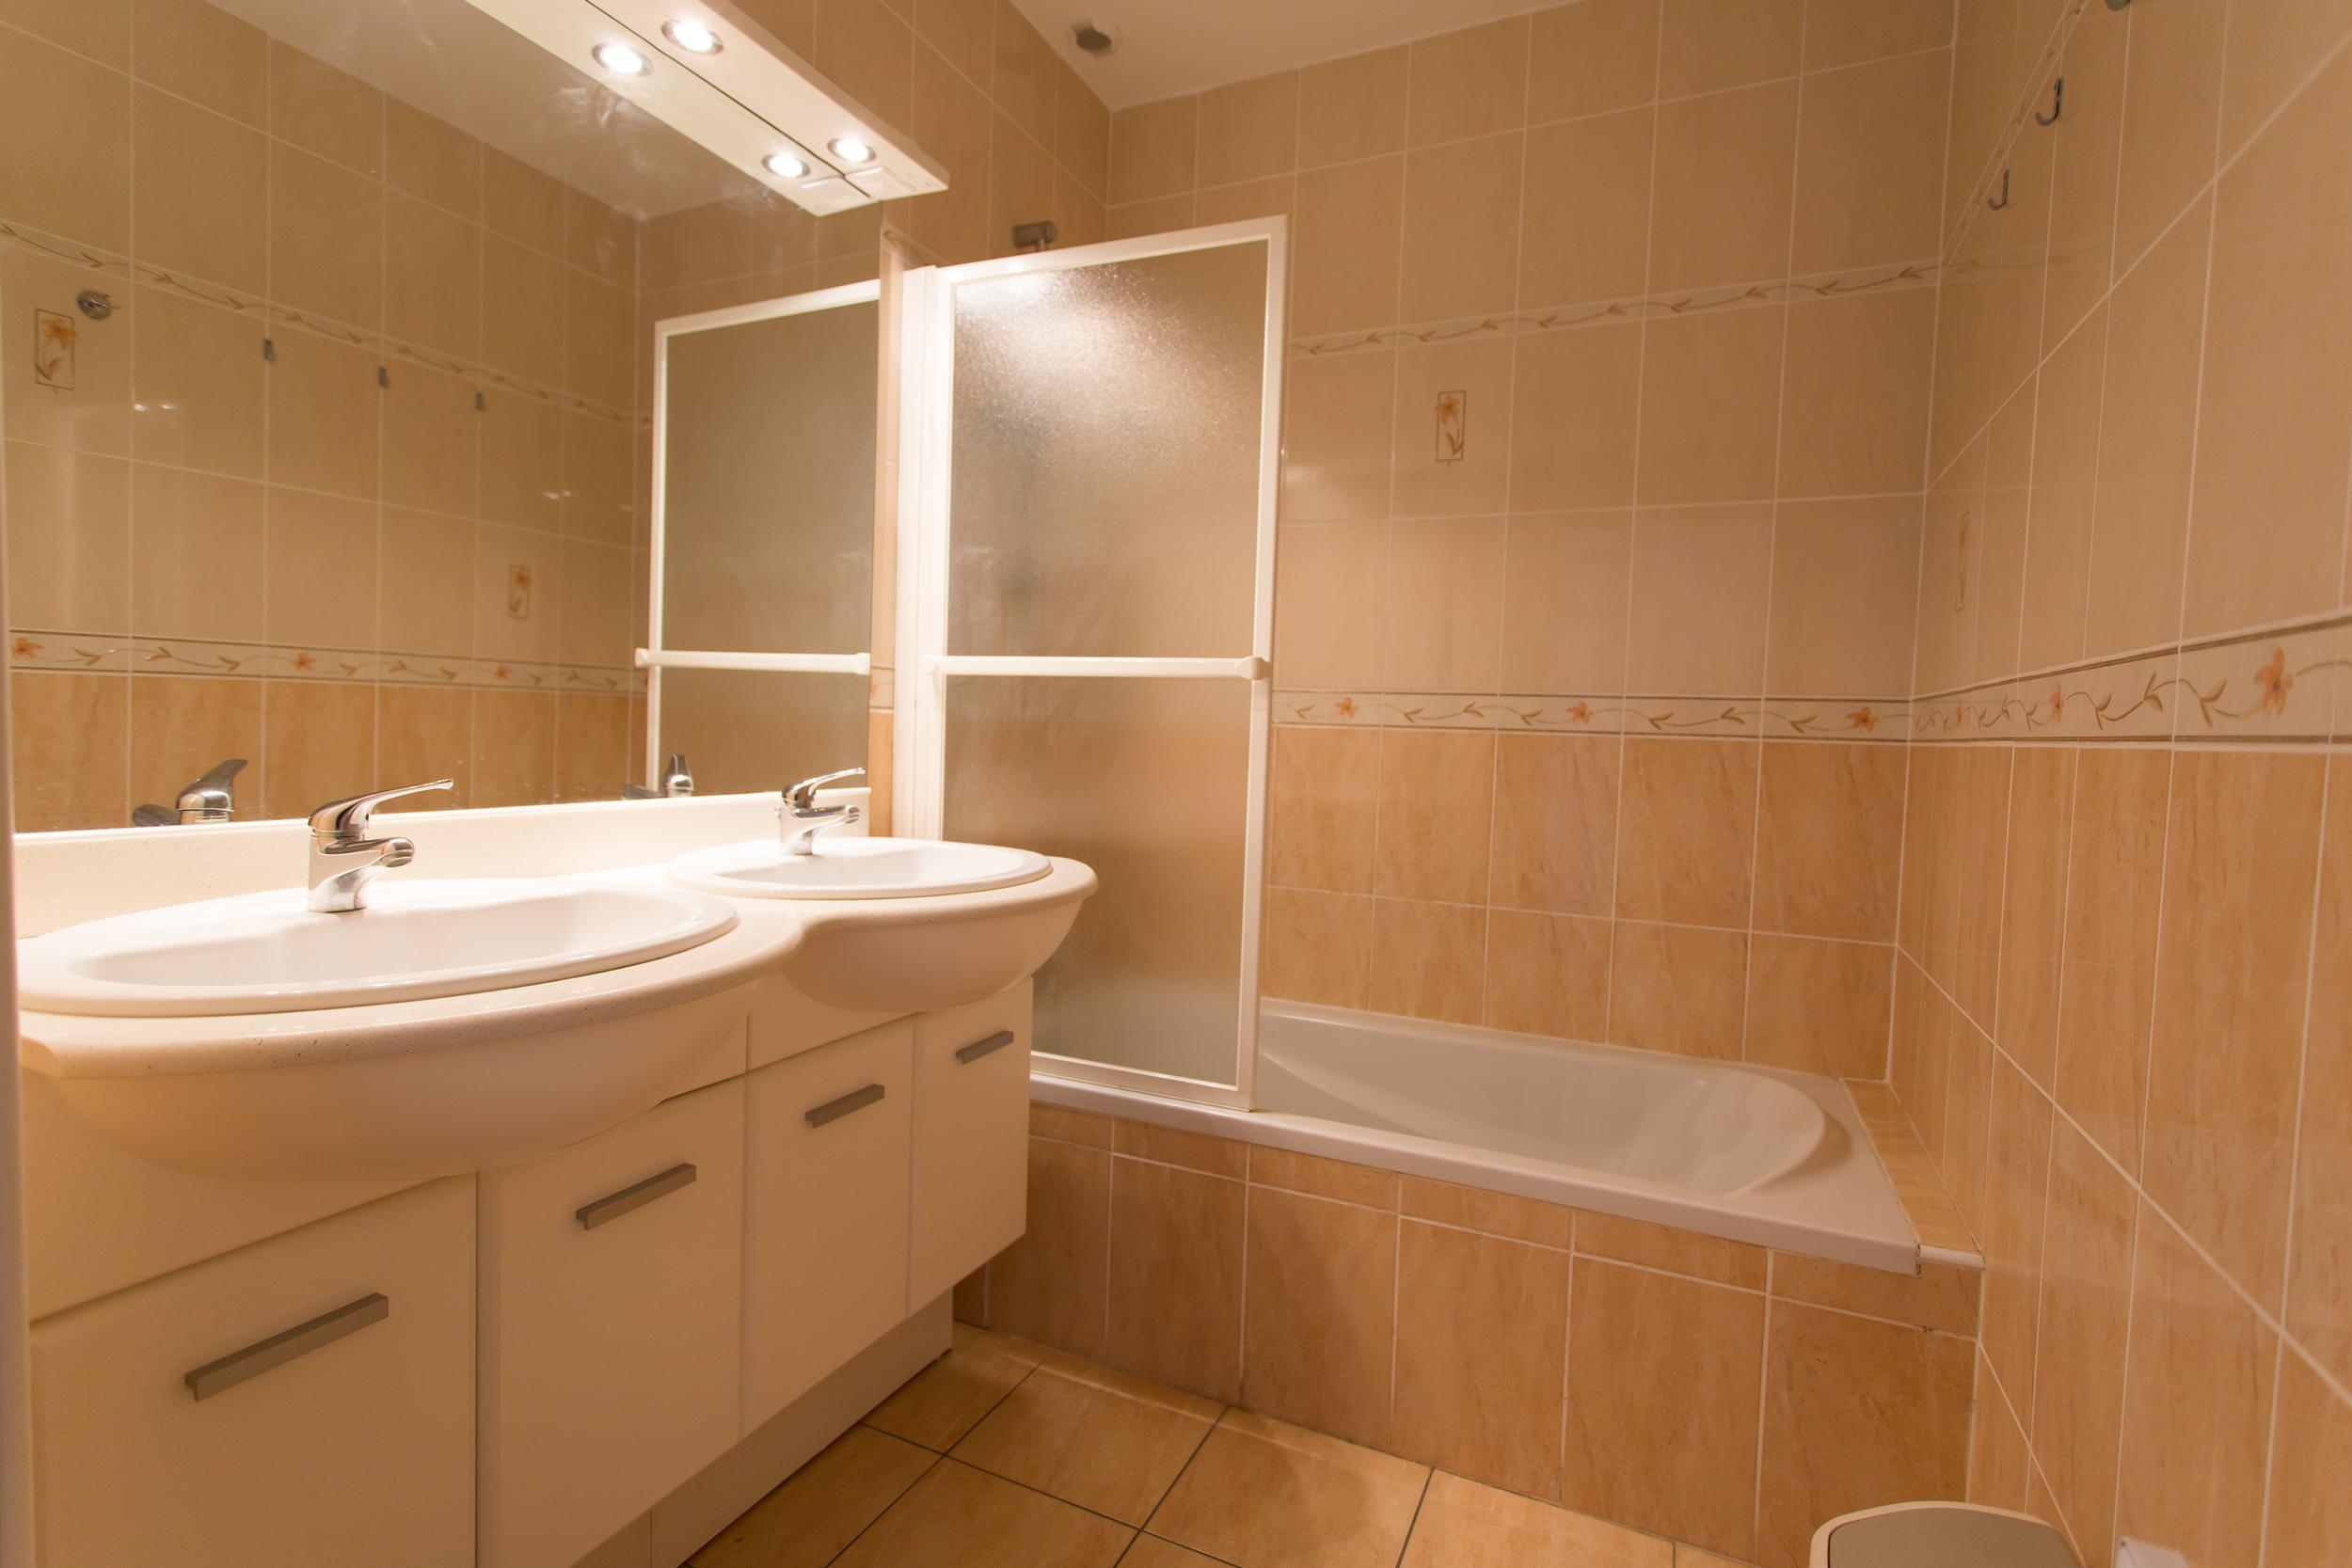 Badkamer vakantiehuis te huur in zuid frankrijk for Aparte wastafels